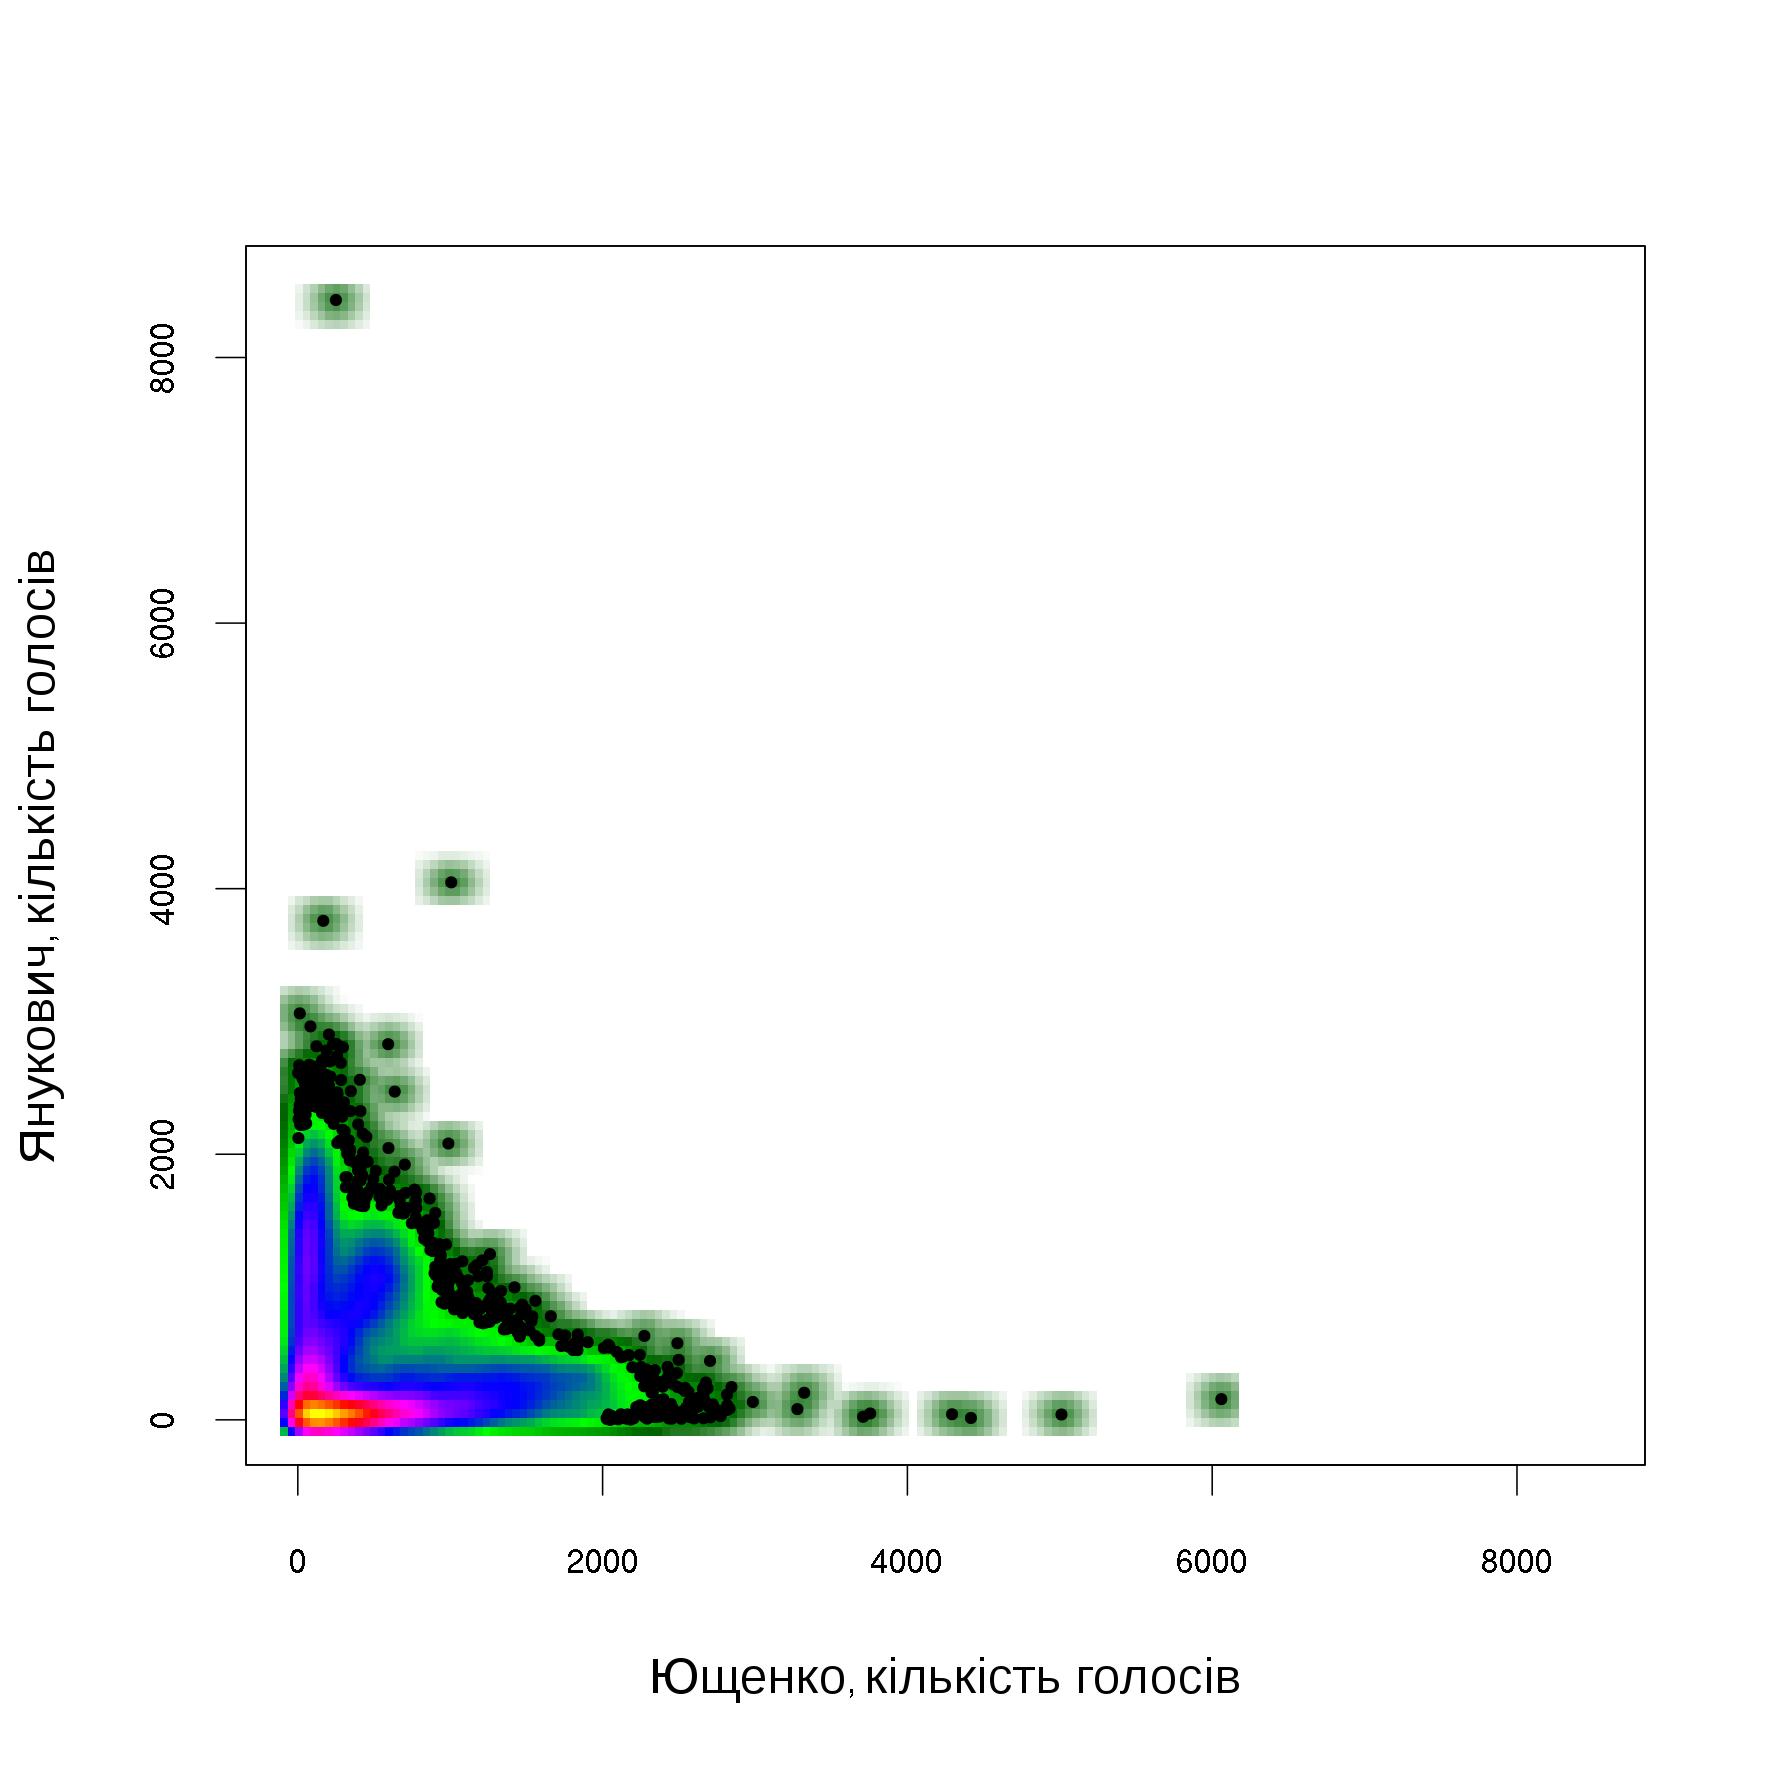 Щільність точок на діаграмі розсіювання кількості голосів за кандидатів на виборчих дільницях